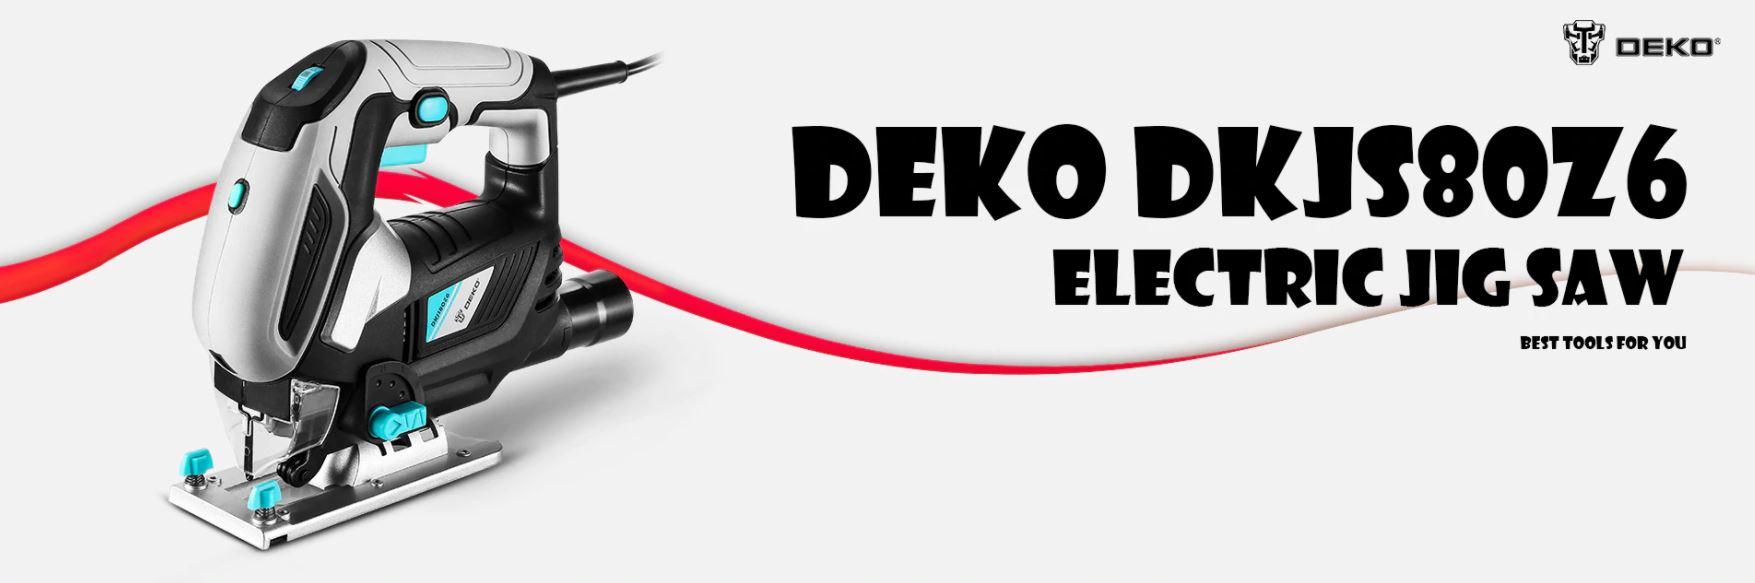 Najlepsze narzędzia z Aliexpress - promocja produktów marki DEKO - wyrzynarka DEKO DKJS80Z6